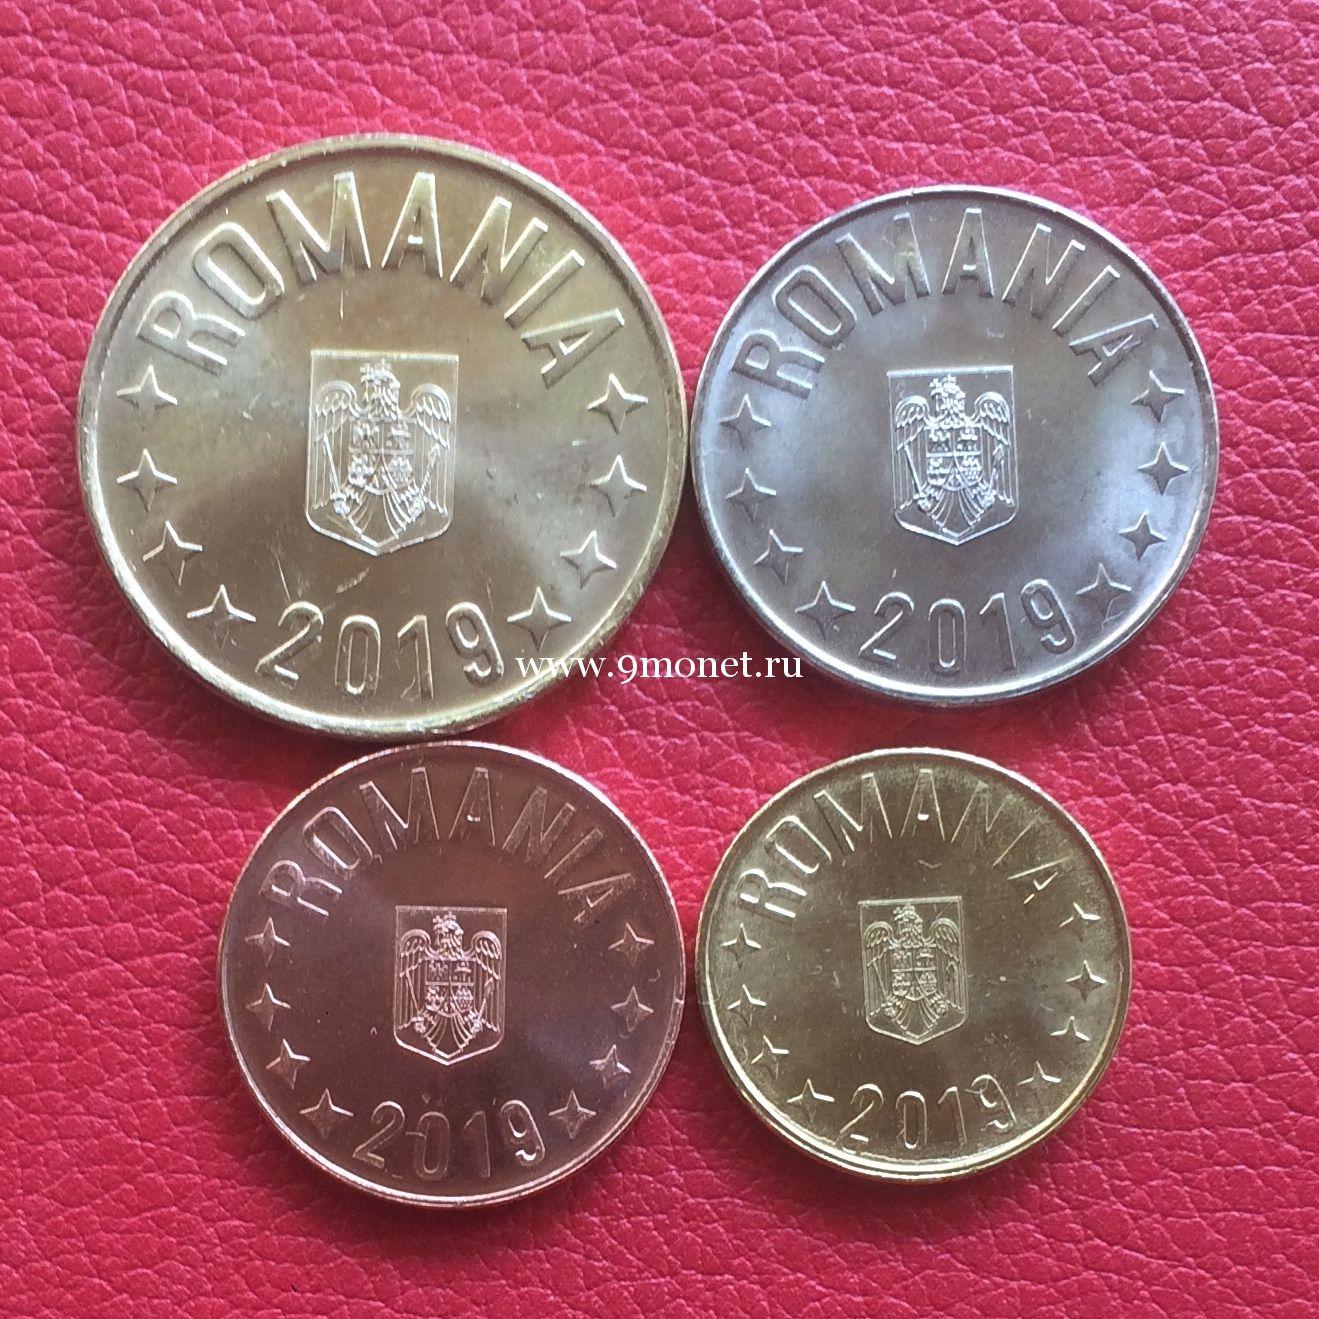 Румыния годовой набор монет 2019 года новый герб